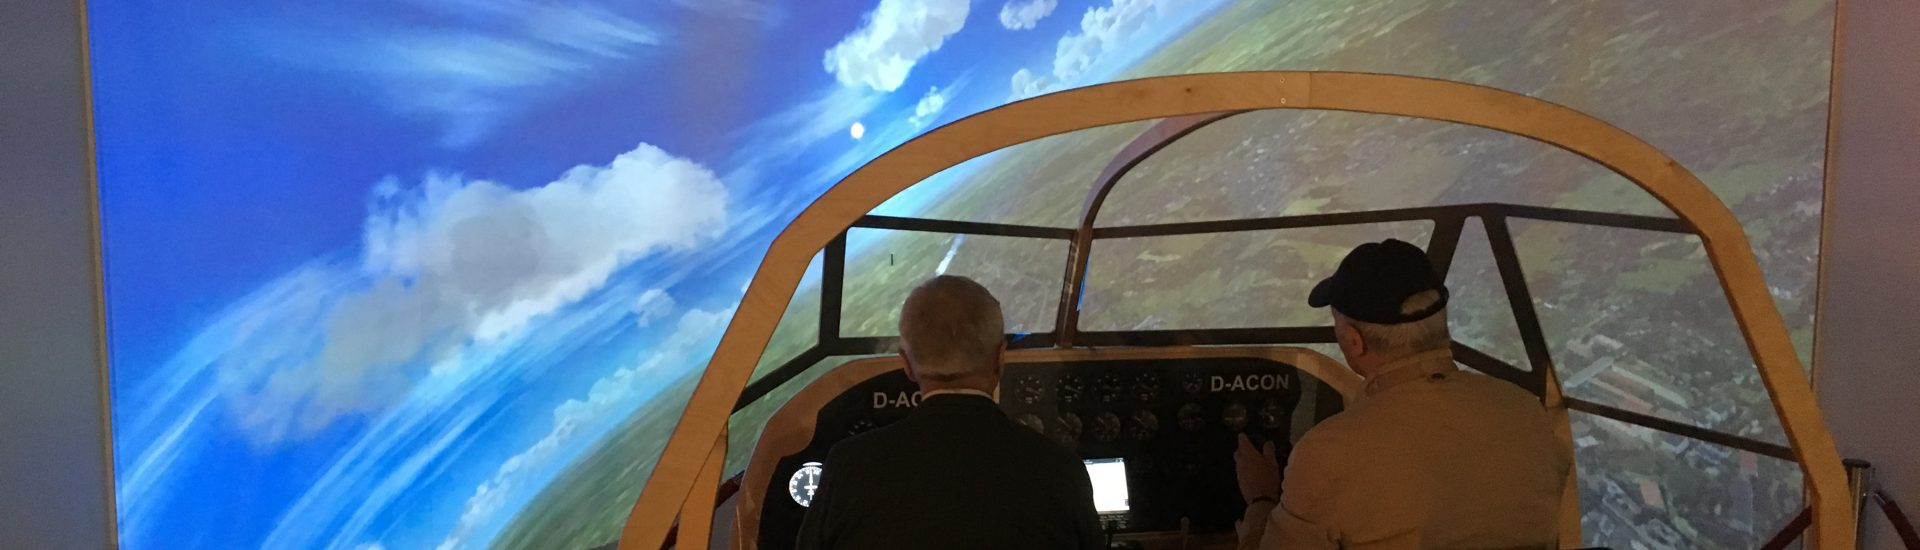 FW 200 Condor Simulator